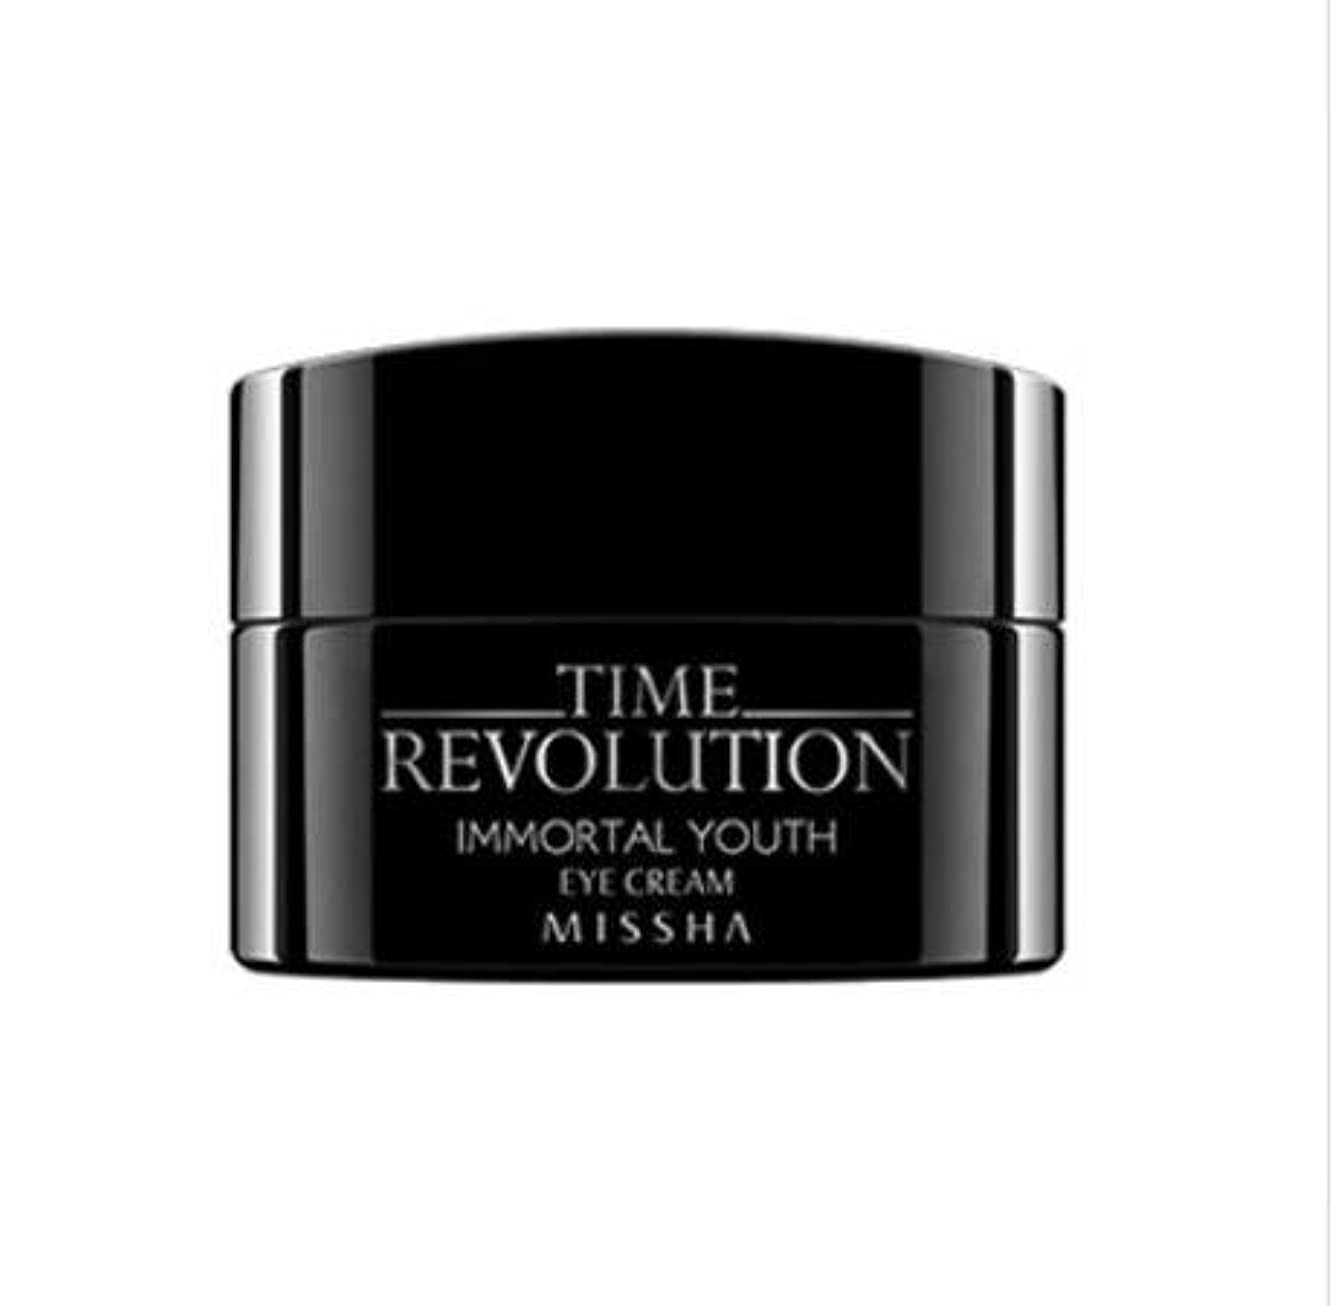 バンジョー平均子孫[ミシャ] Missha [タイムレボリューション イモタルユース アイクリーム](MISSHA Time Revolution Immortal Youth Eye Cream) [並行輸入品]